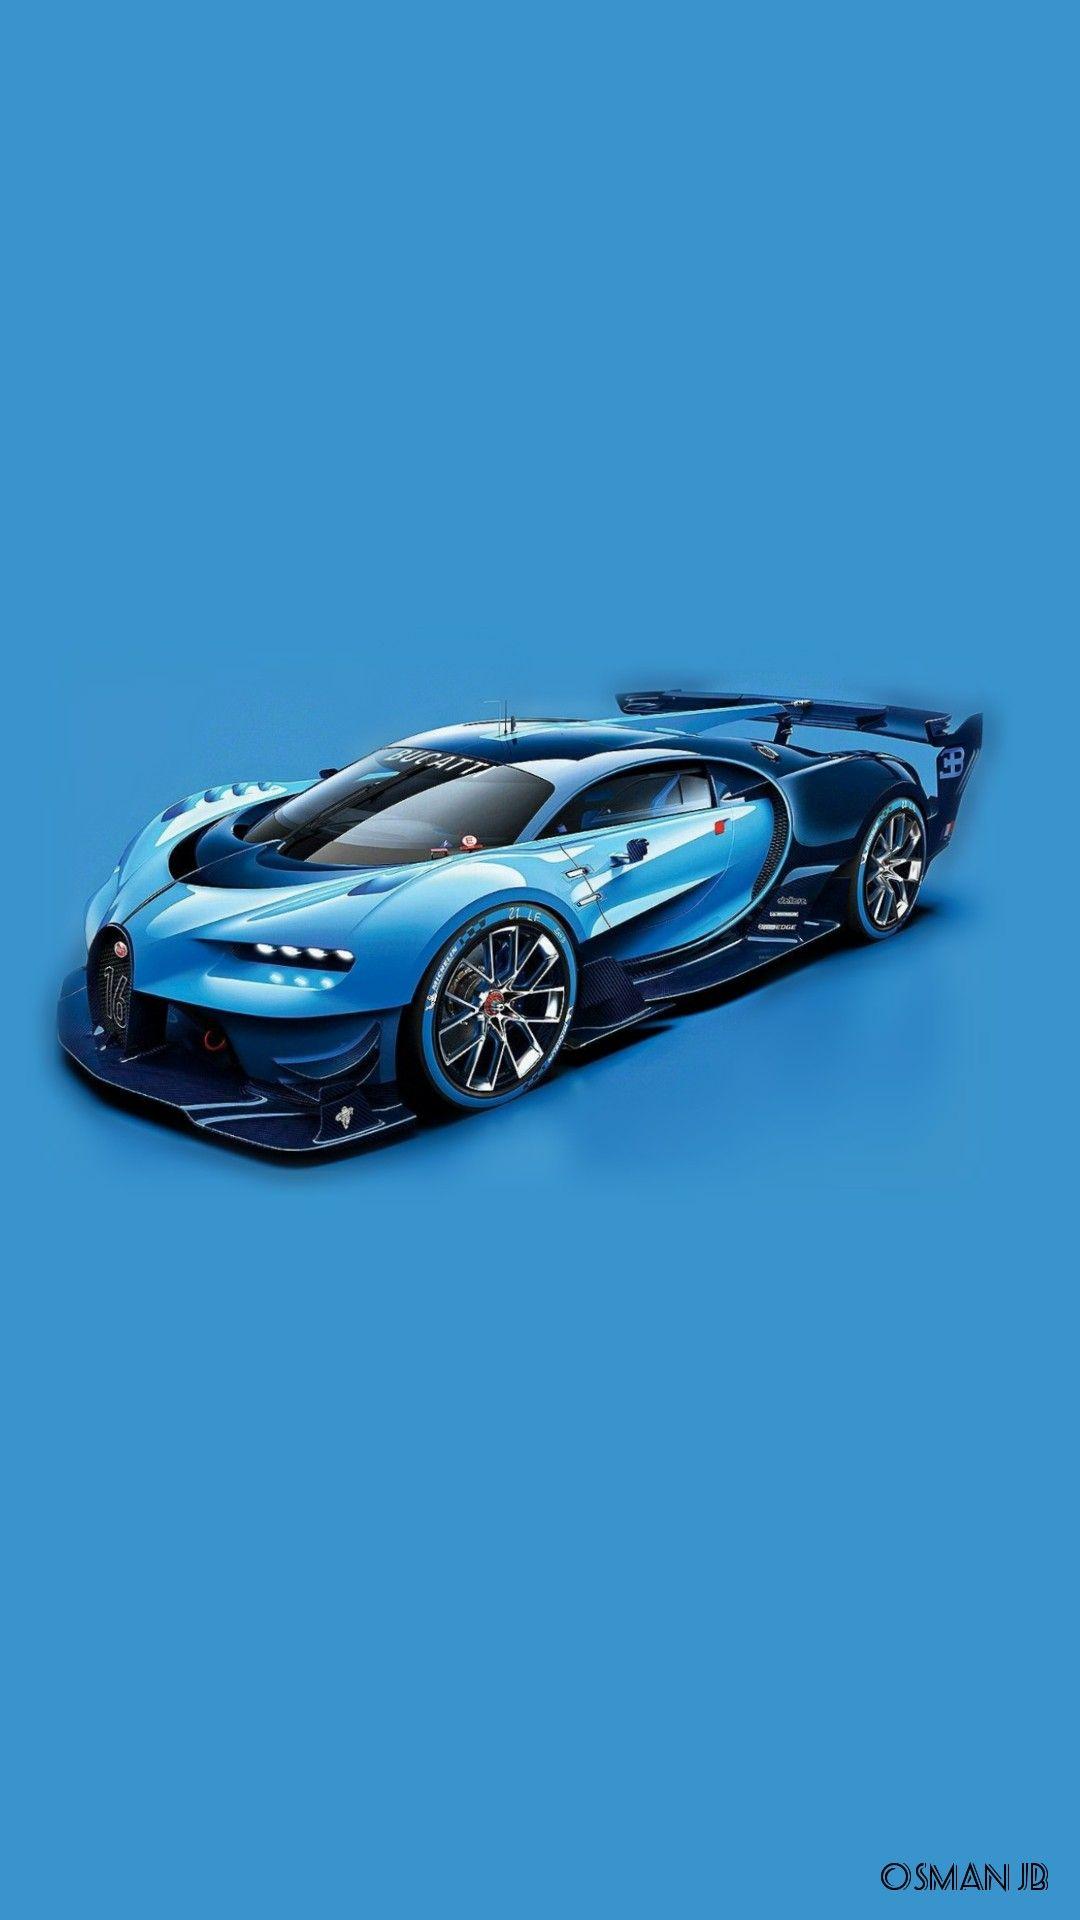 Bugatti Vision Gran Turismo Wallpaper 4k In 2021 Wallpaper 4k Turismo Bugatti